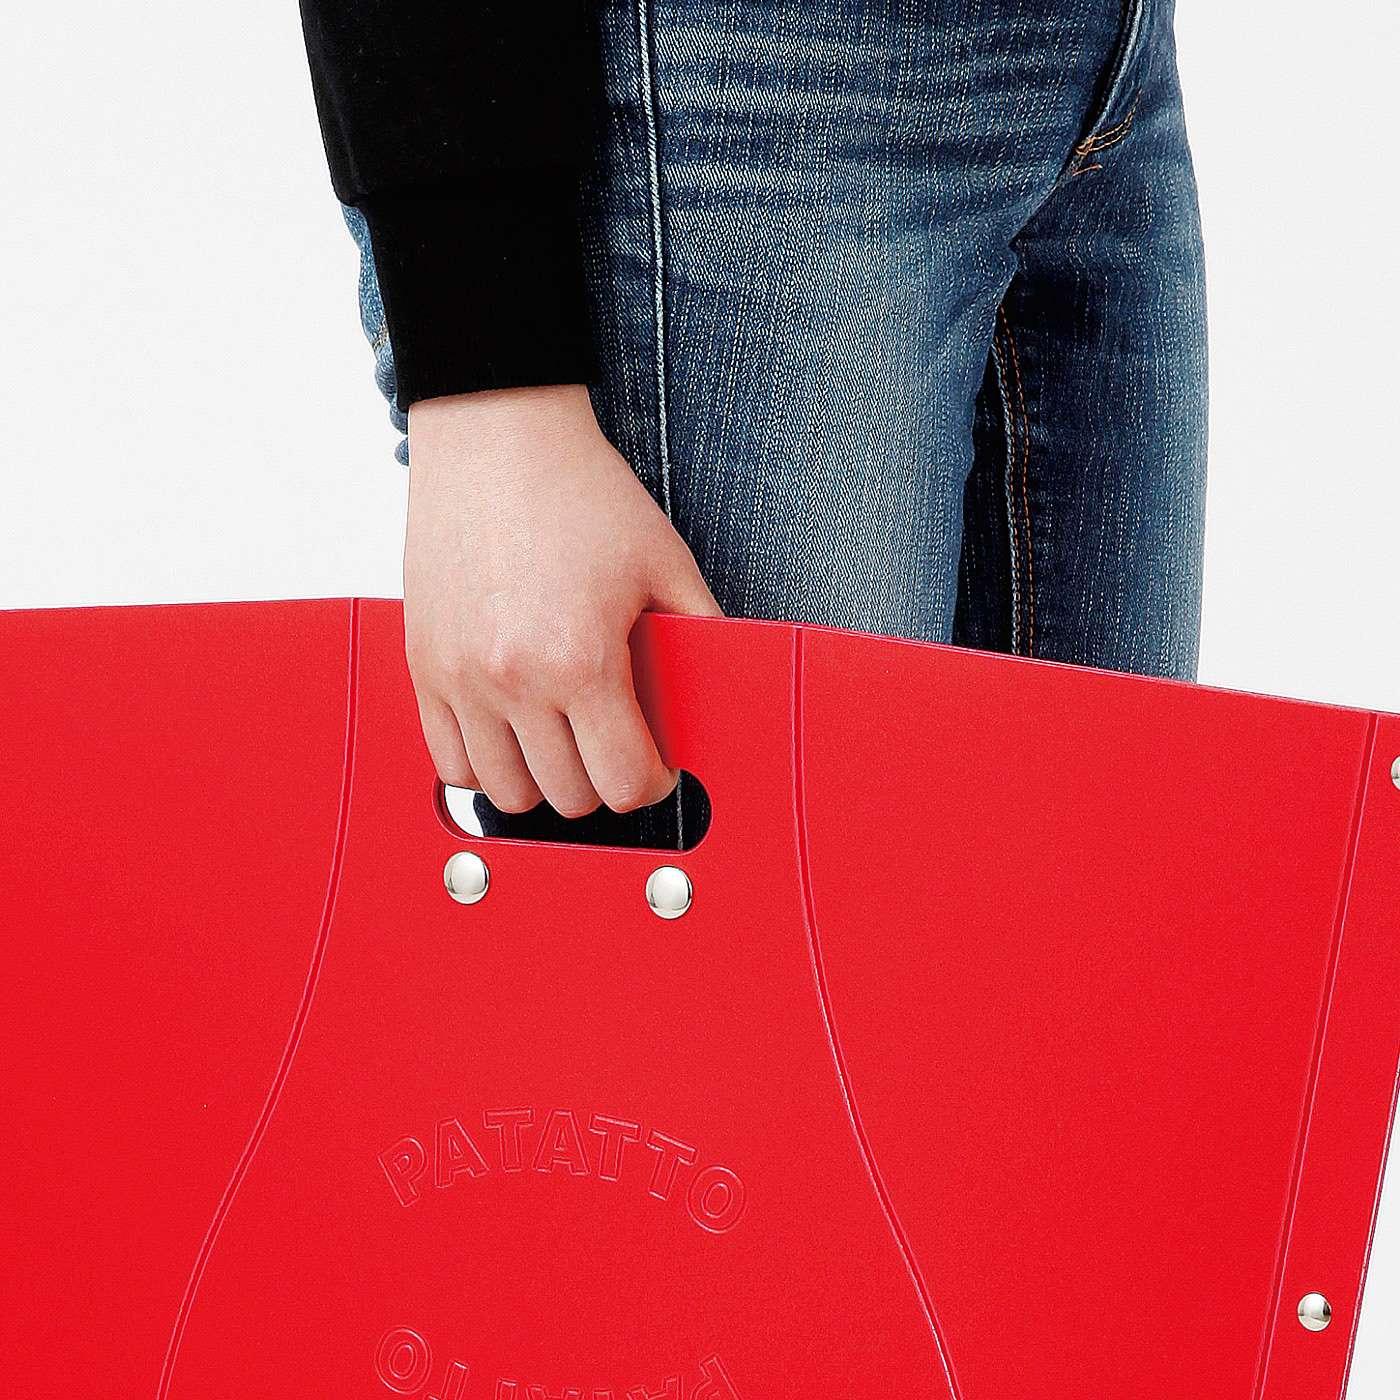 軽くて小さく折りたためるから、持ち運びも収納も簡単!